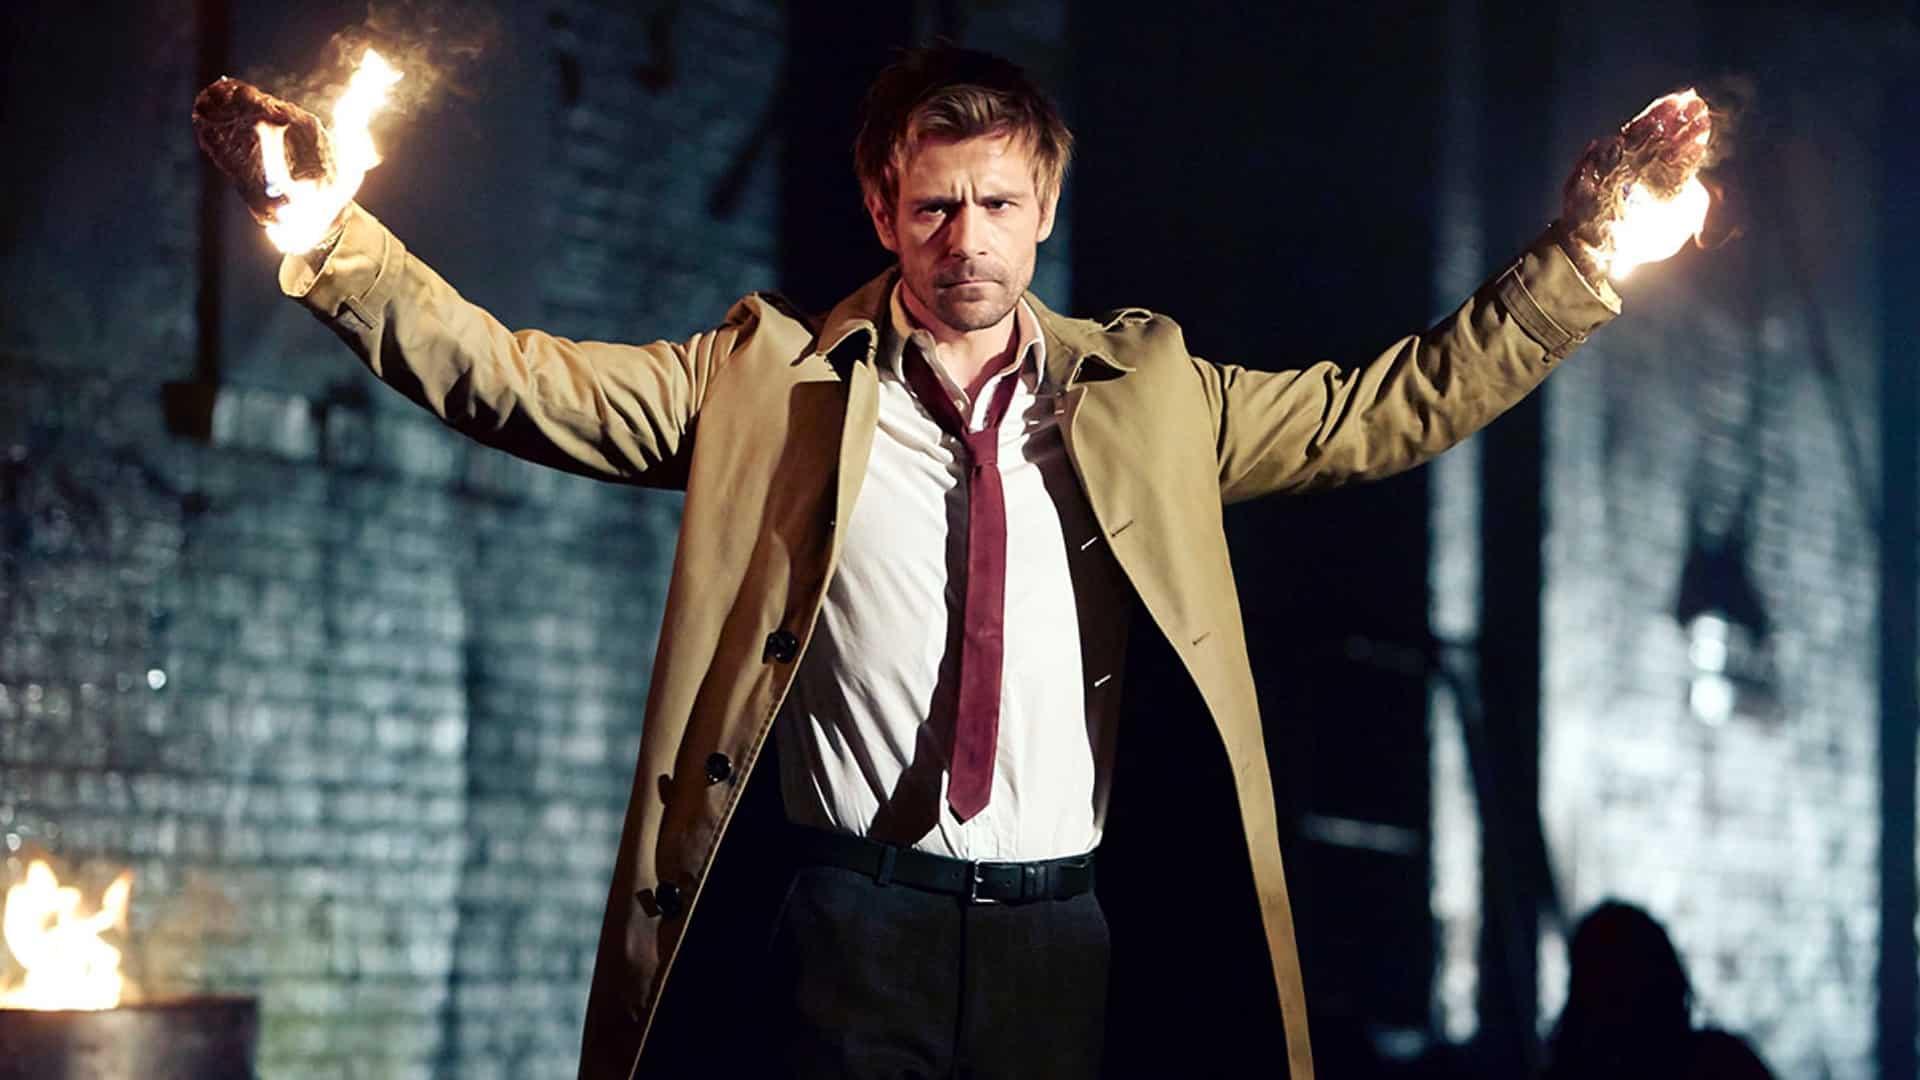 Warner Pode Estar Desenvolvendo Uma Nova Série do Constantine